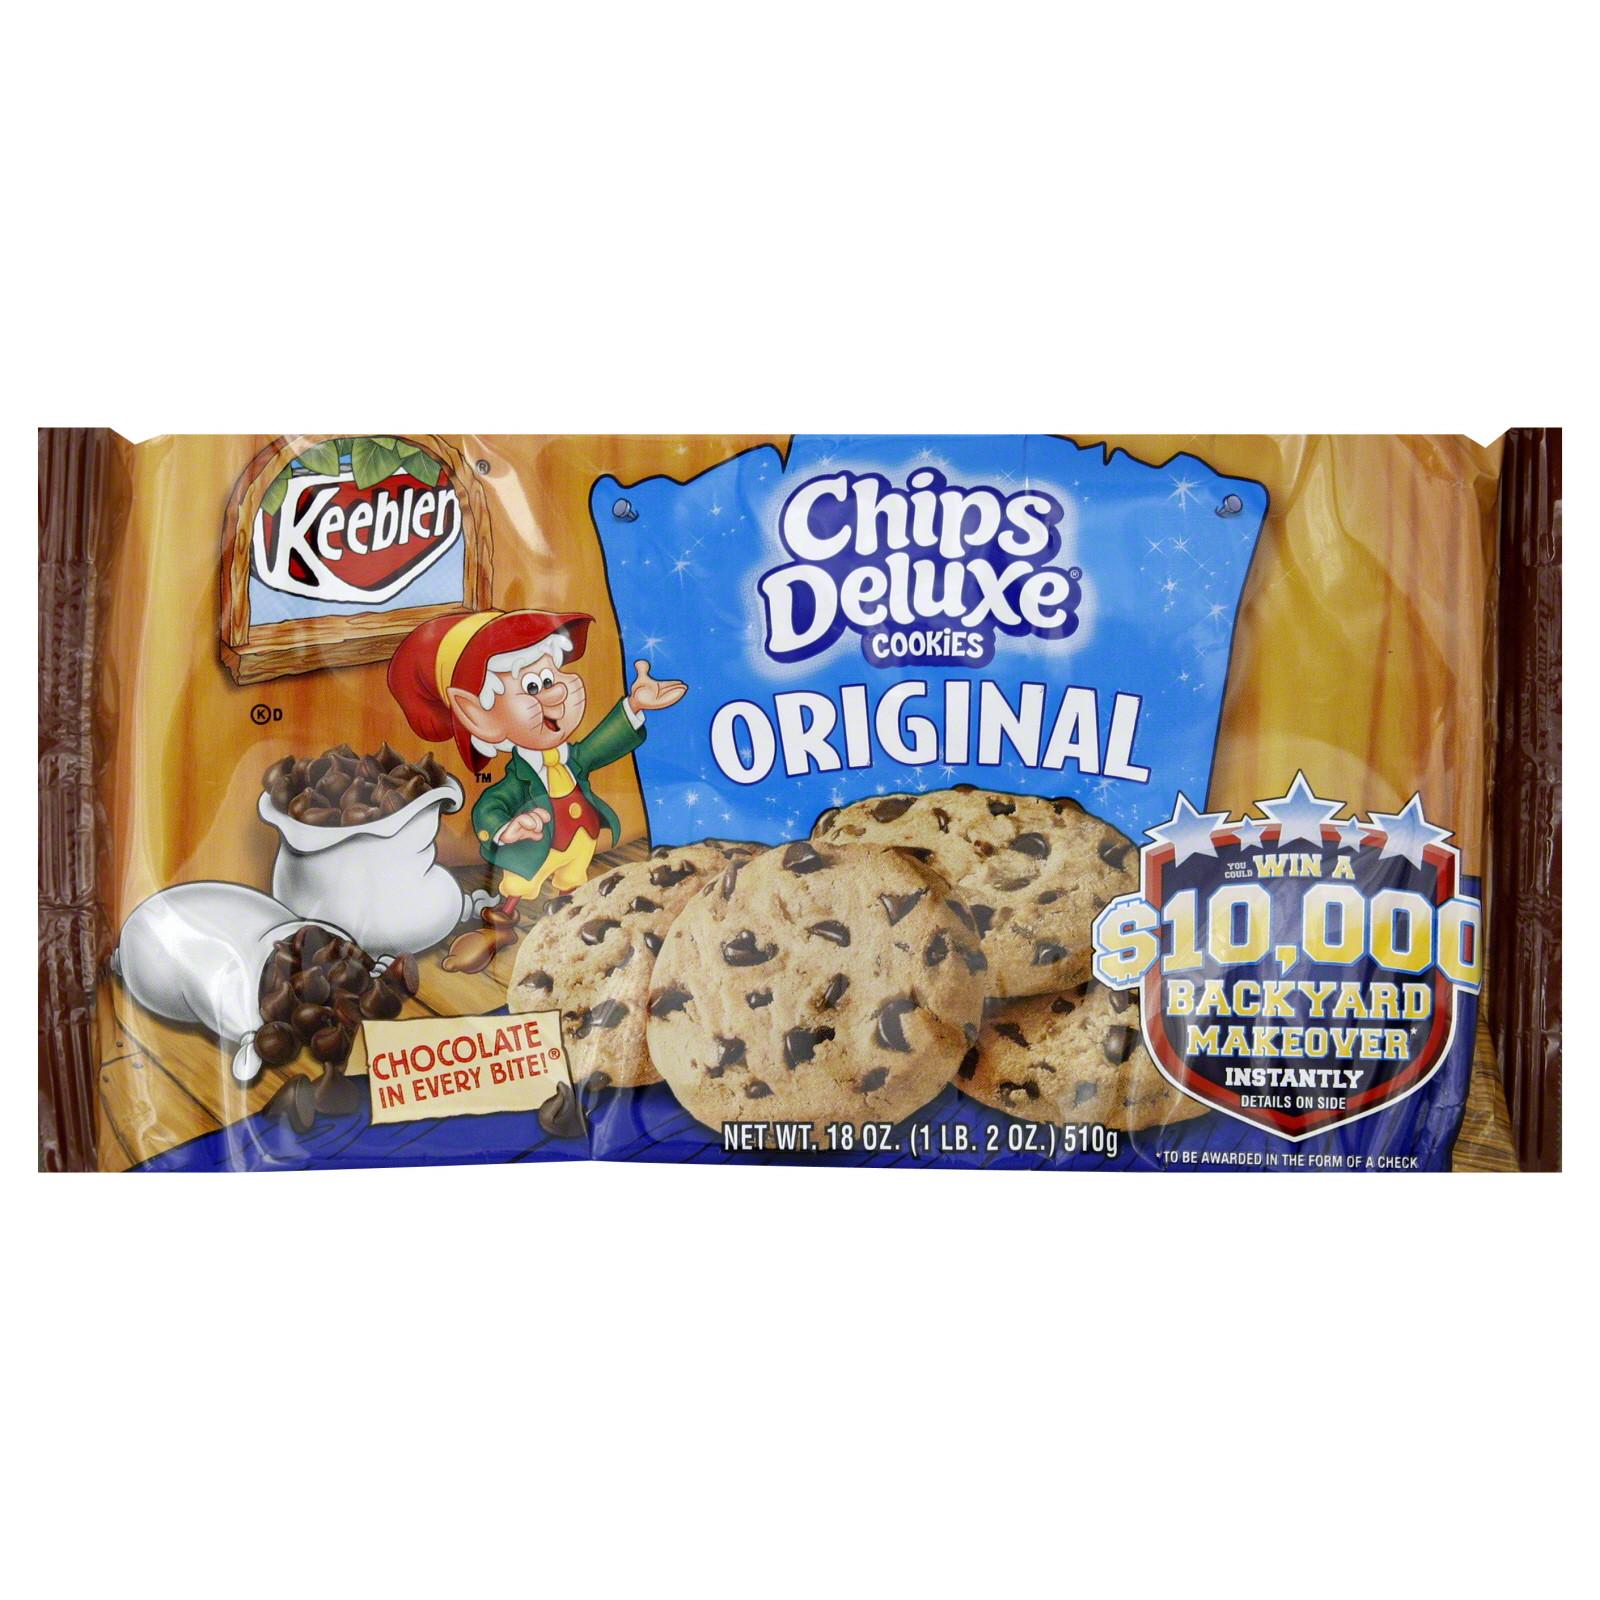 Keebler Christmas Cookies  Keebler Chips Deluxe Cookies Original 18 oz 1 lb 2 oz